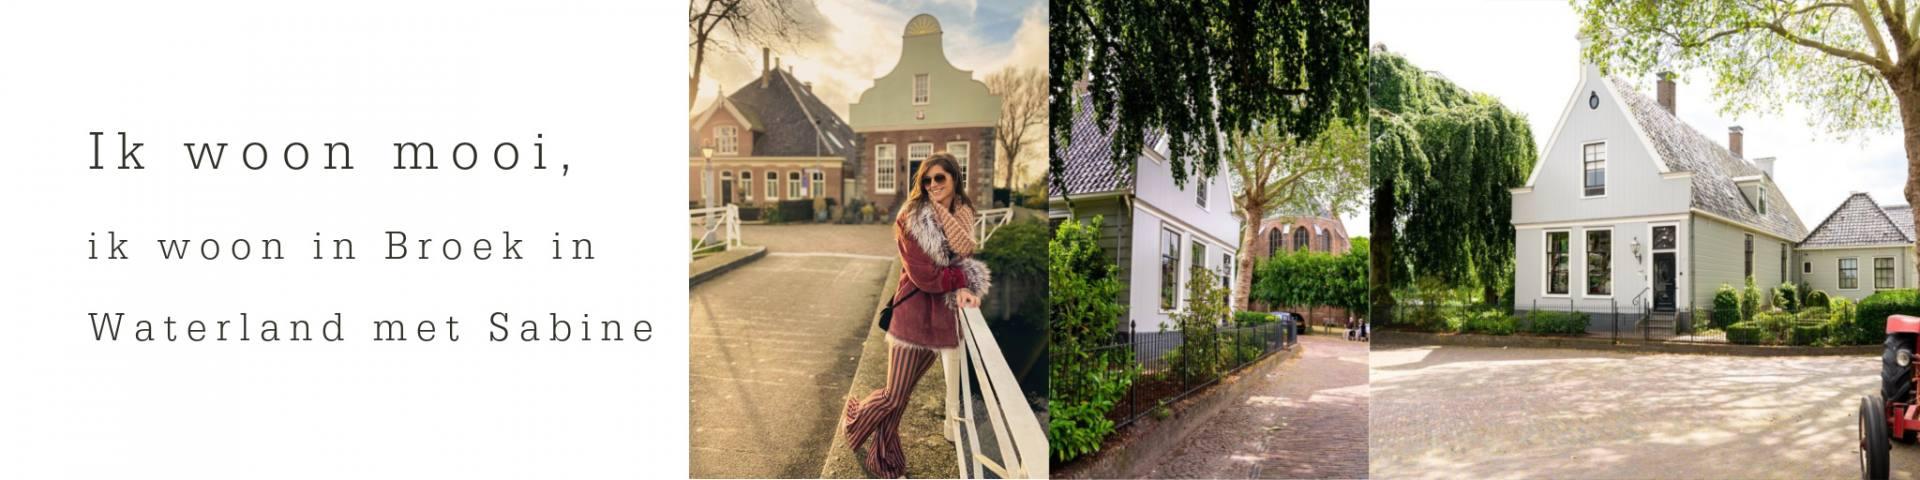 Ik woon mooi, ik woon in Broek in Waterland met Sabine/21